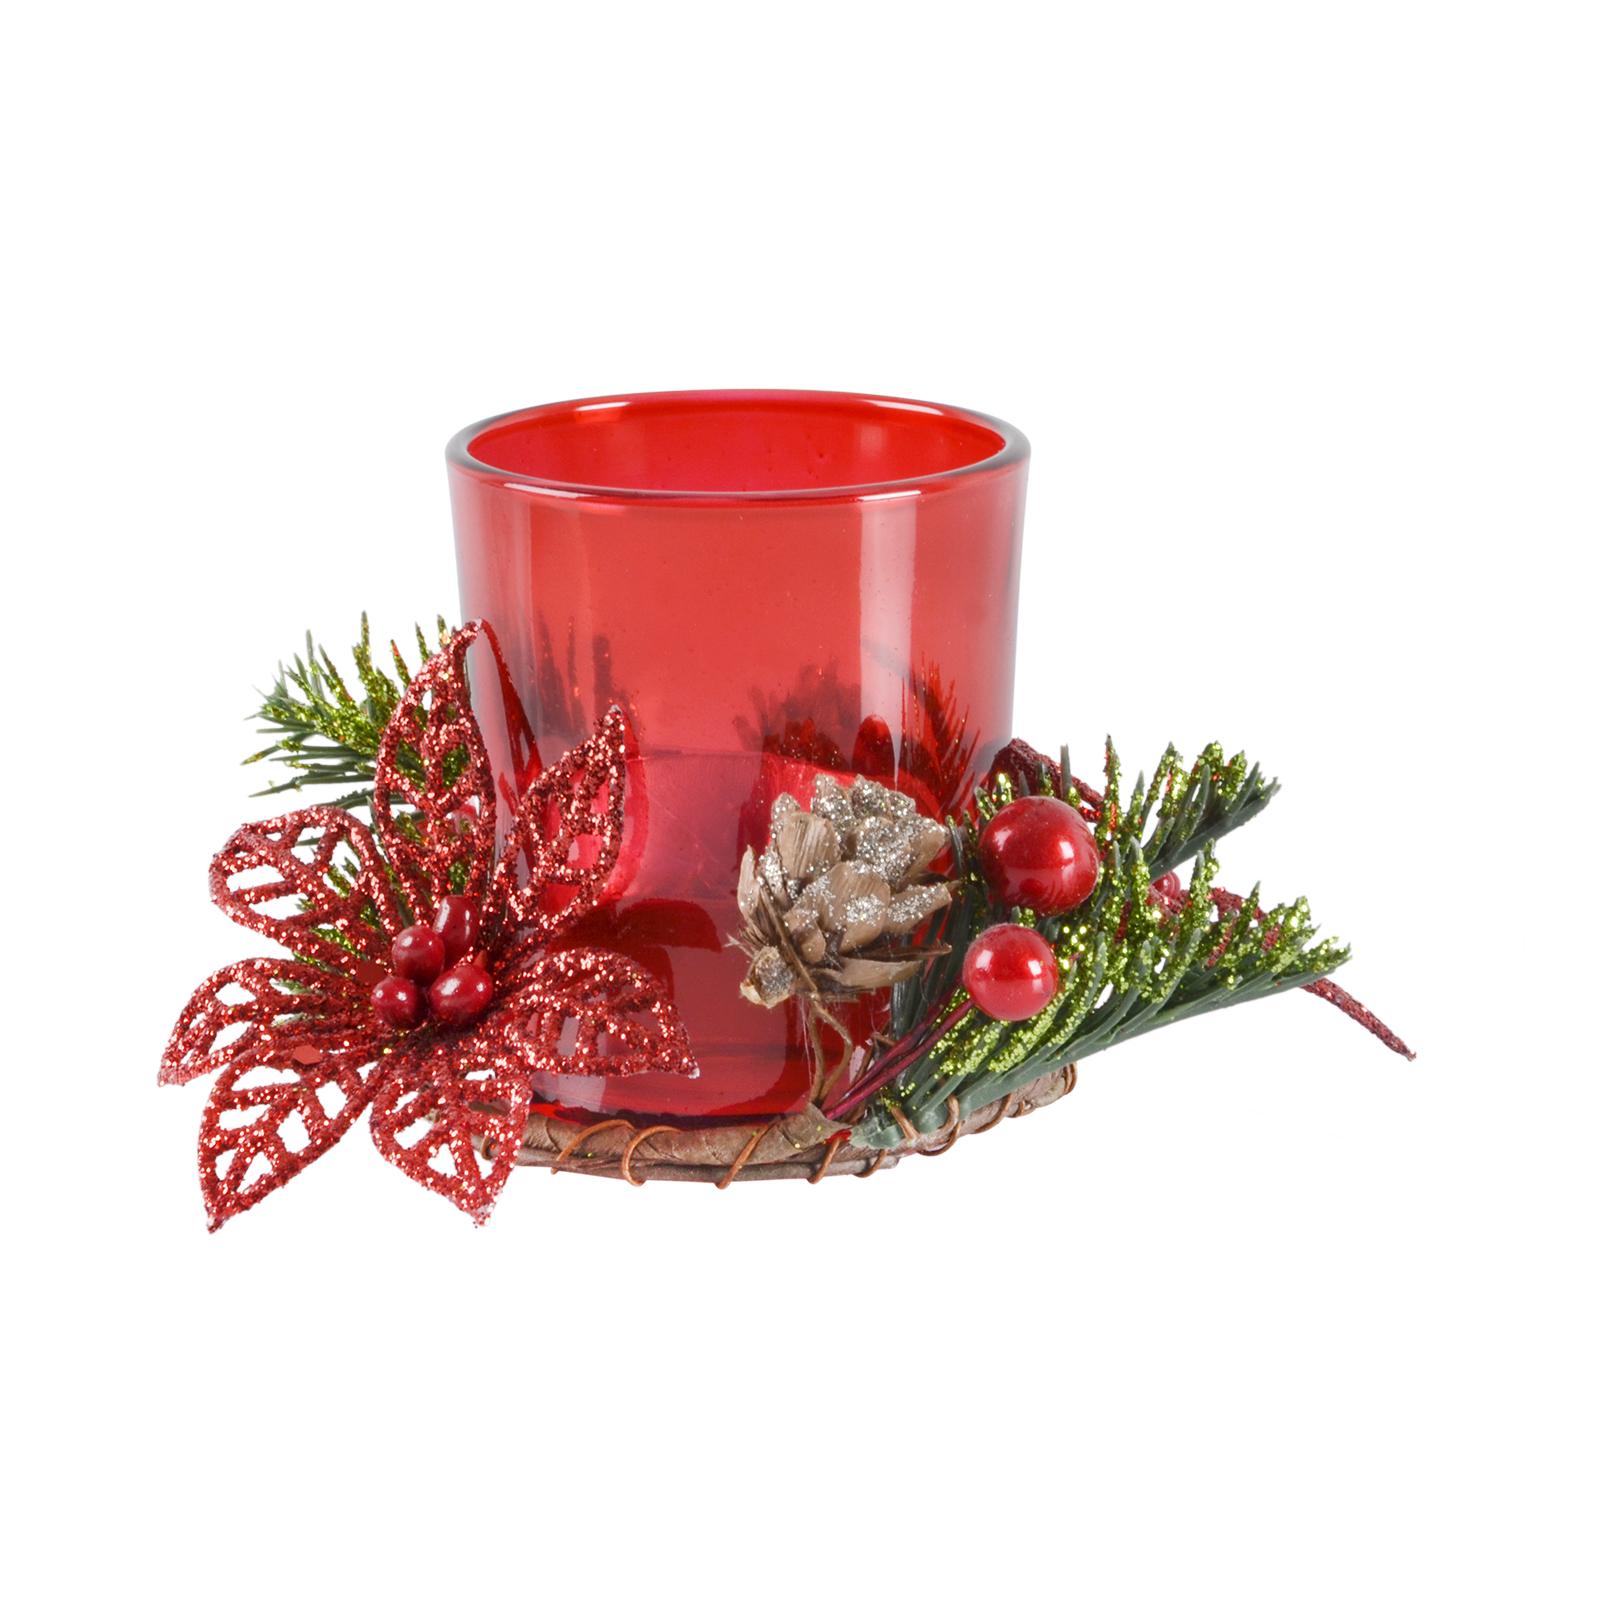 Village candle votive holder gift set festive christmas for Christmas pillar candle holders